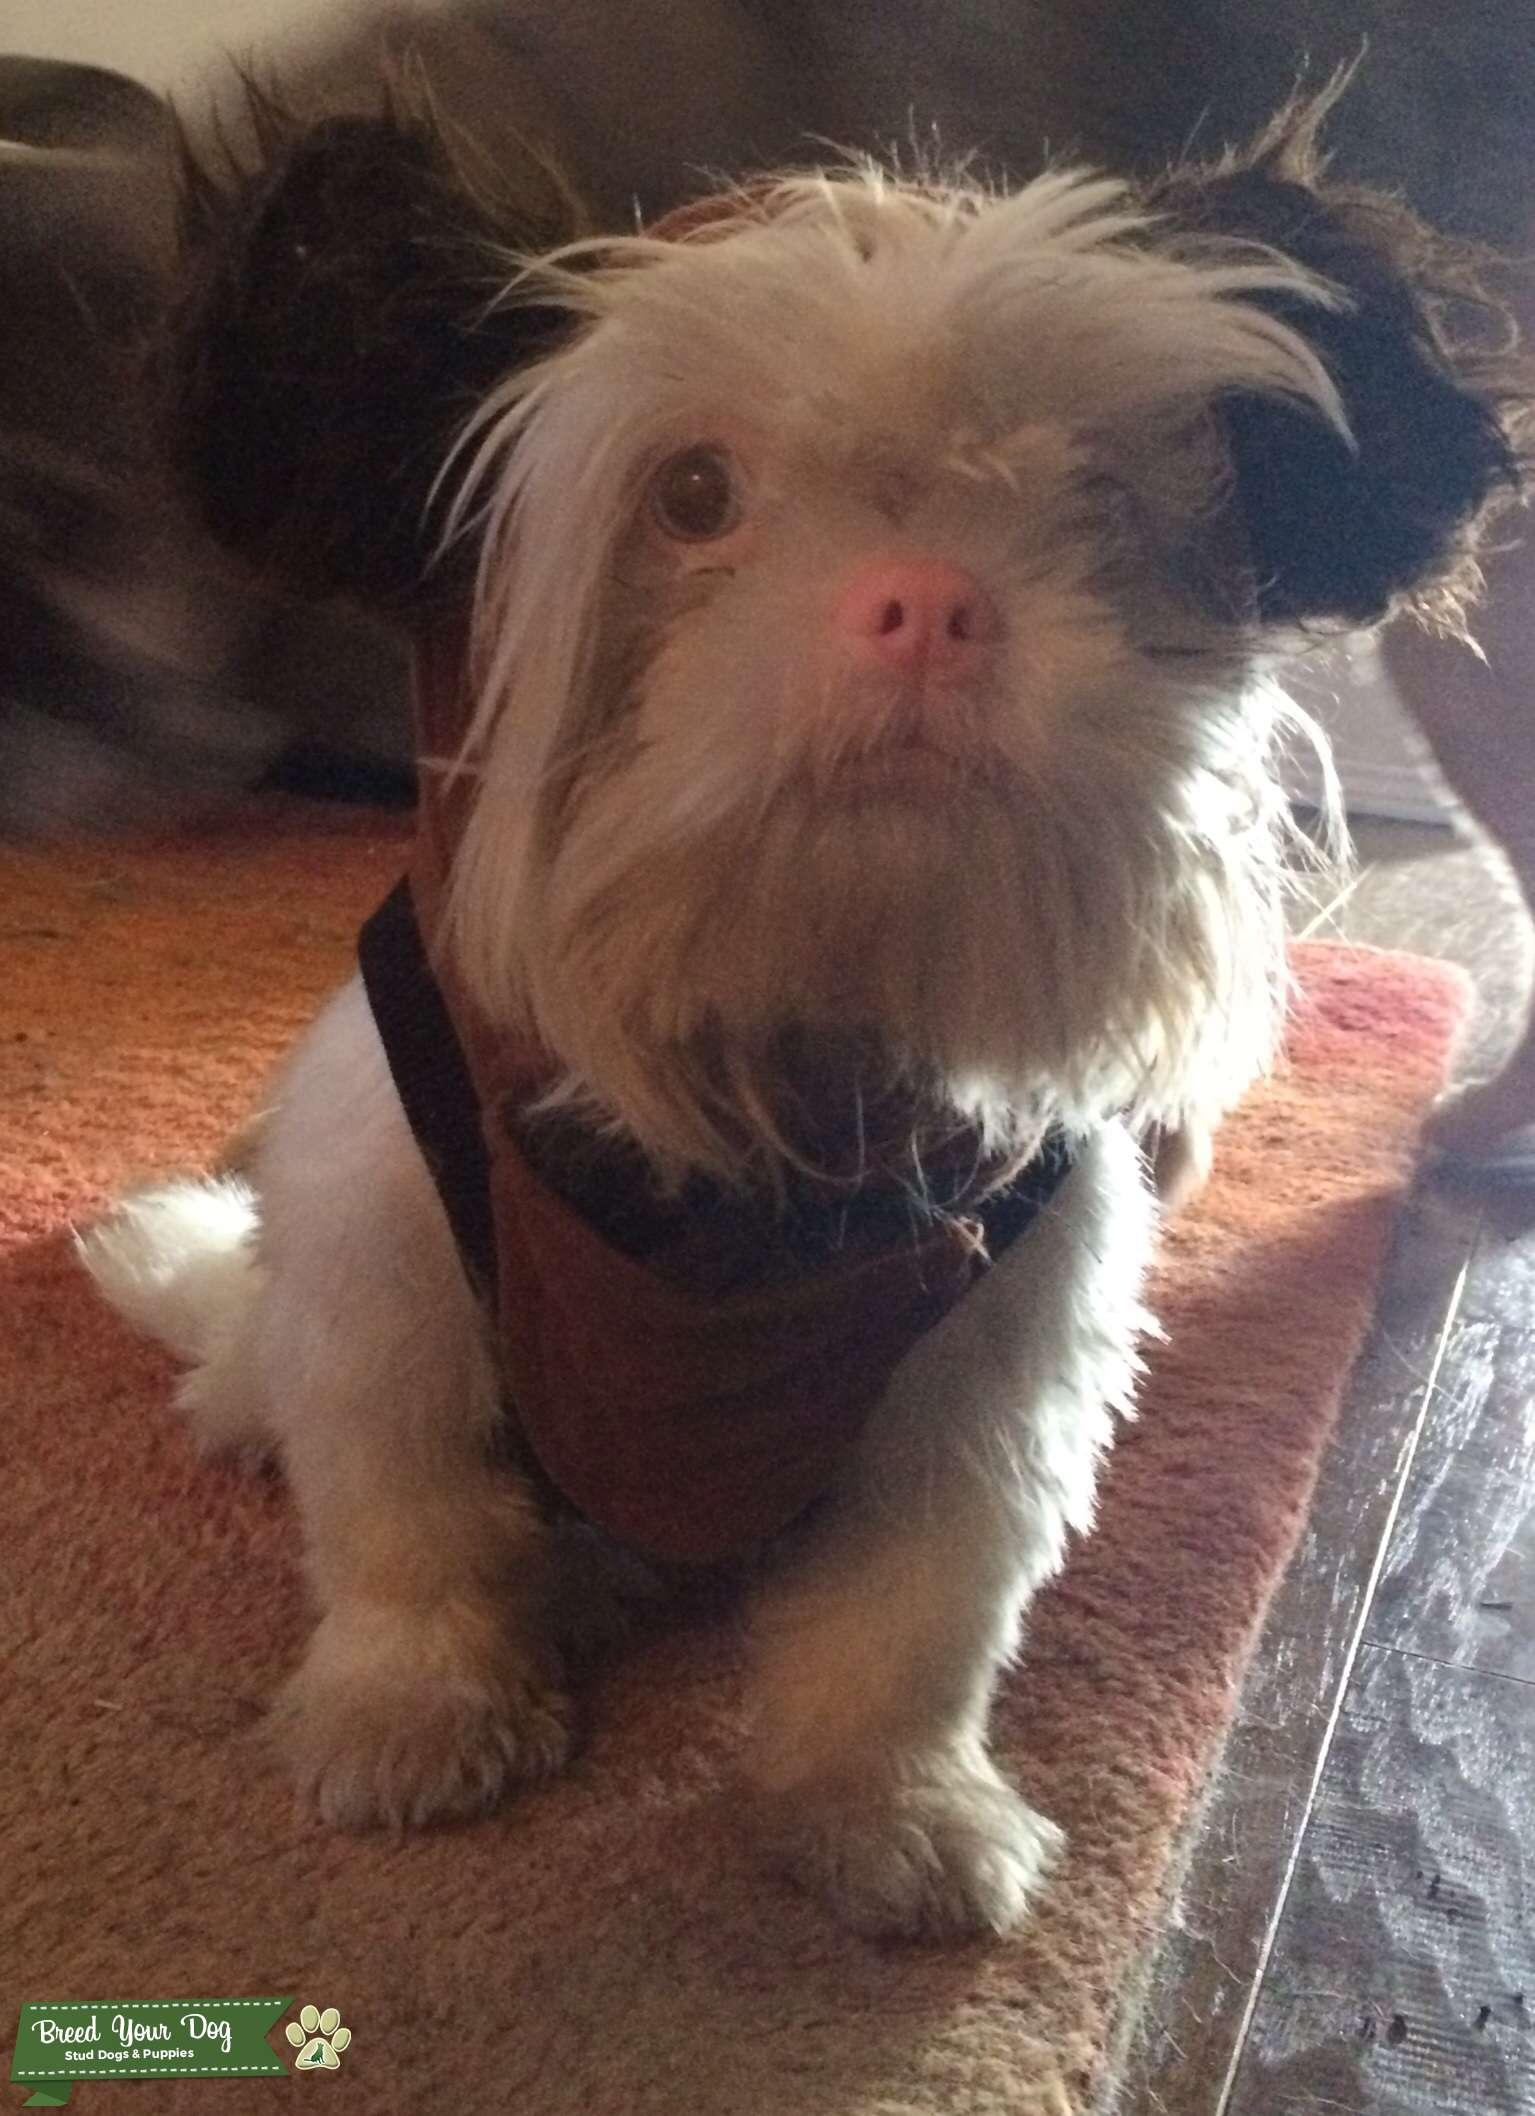 Stud Dog White Blue Eyed Shih Tzu Breed Your Dog